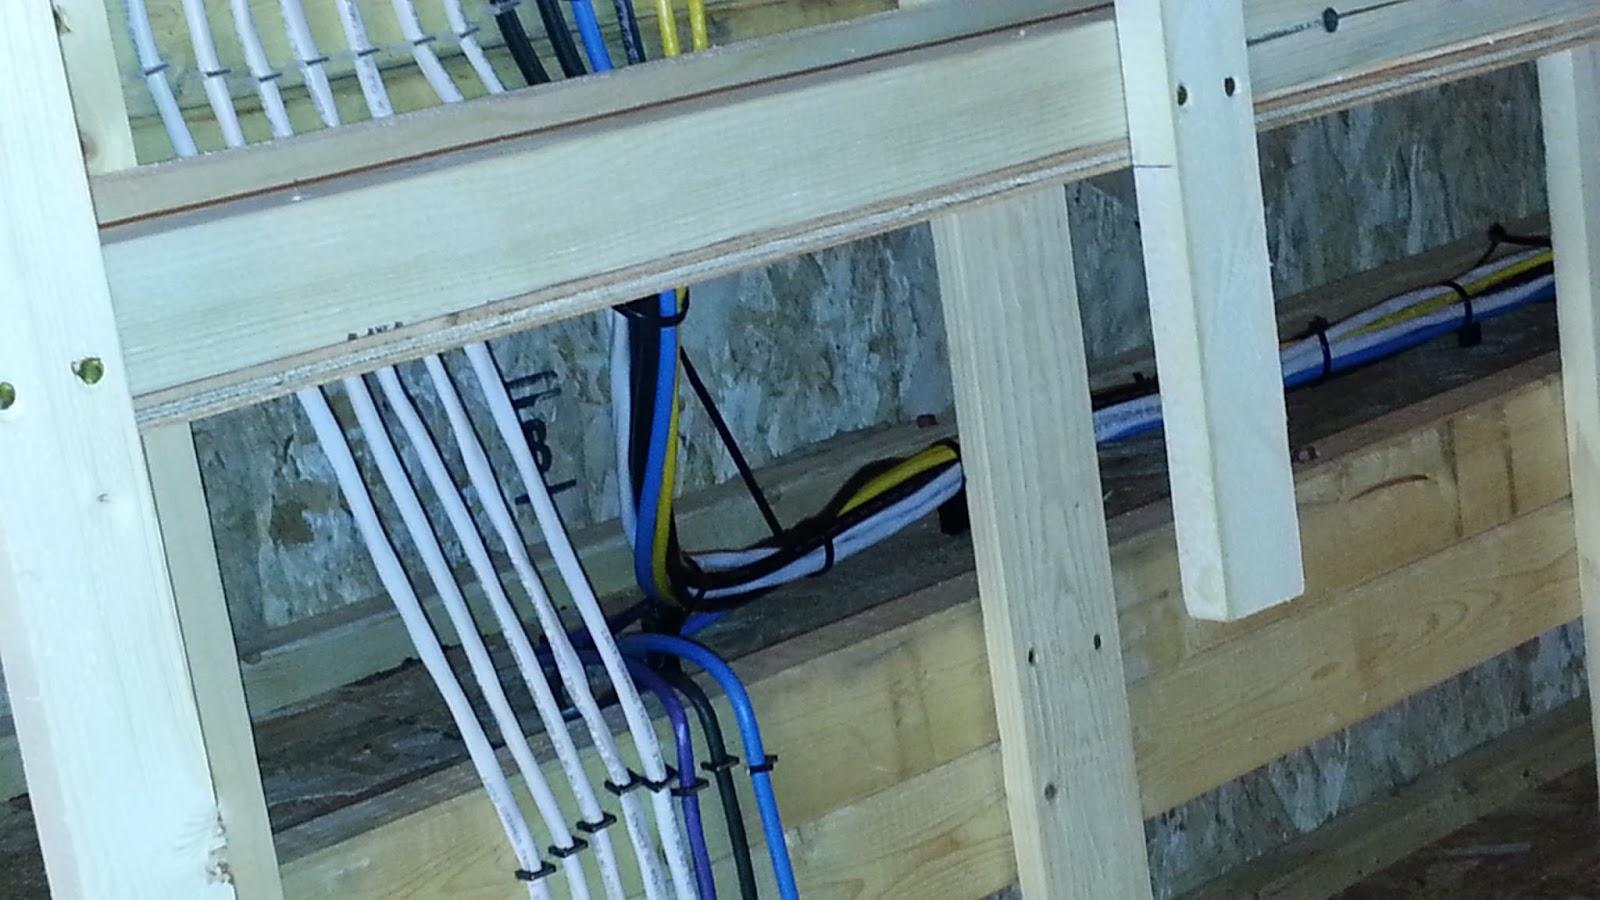 Tolle How To Wire A New House Galerie - Elektrische Schaltplan-Ideen ...